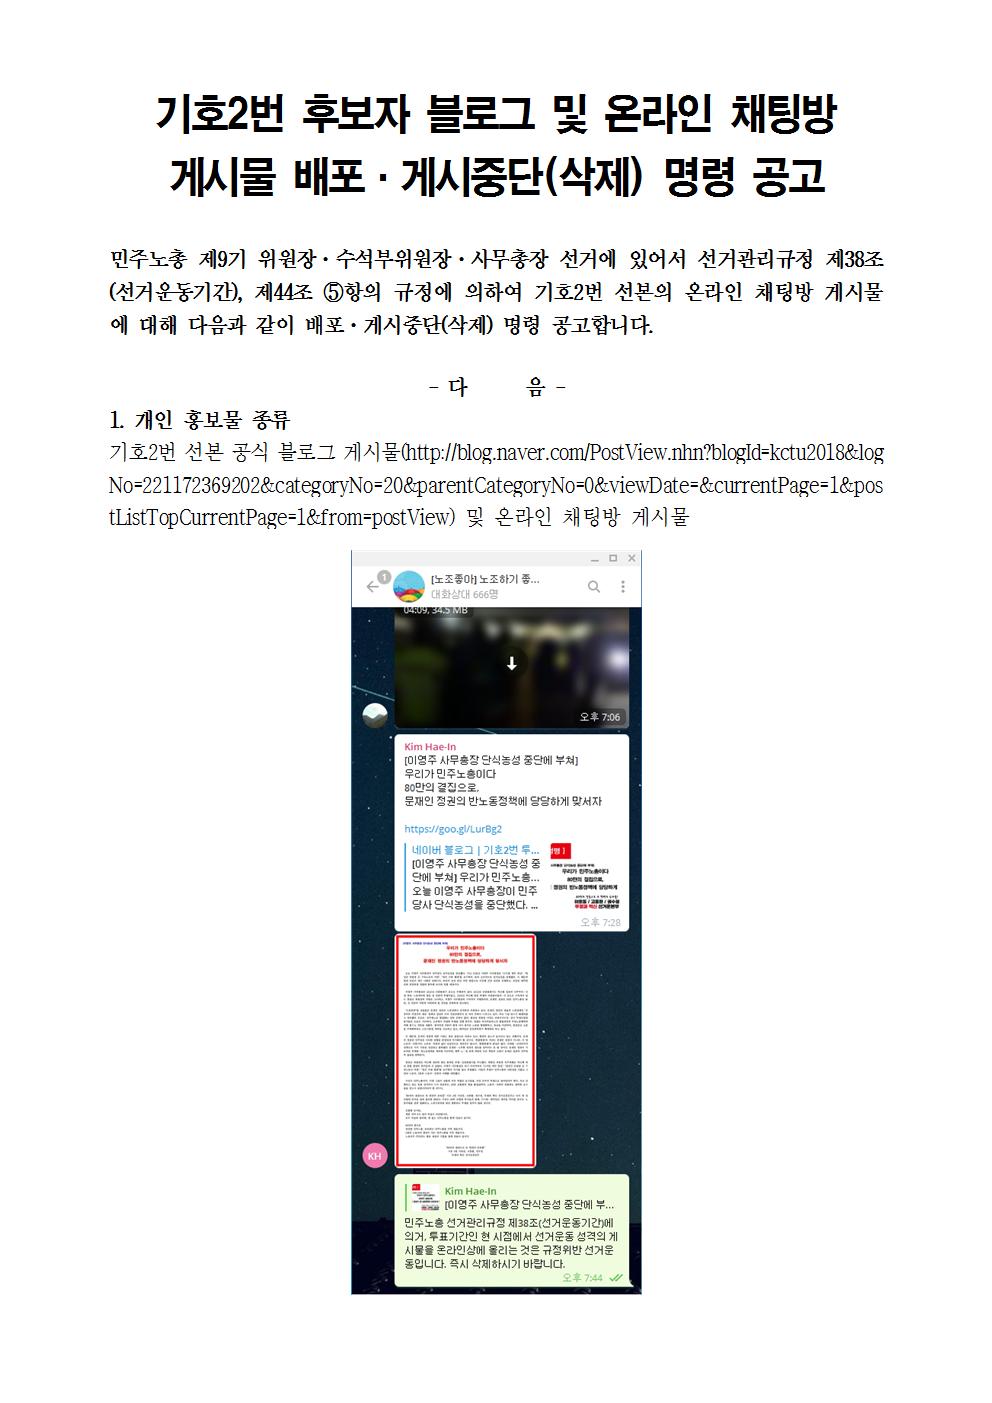 기호2번 후보자 블로그 및 온라인 채팅방 게시물 배포·게시중단(삭제) 명령 공고001.png